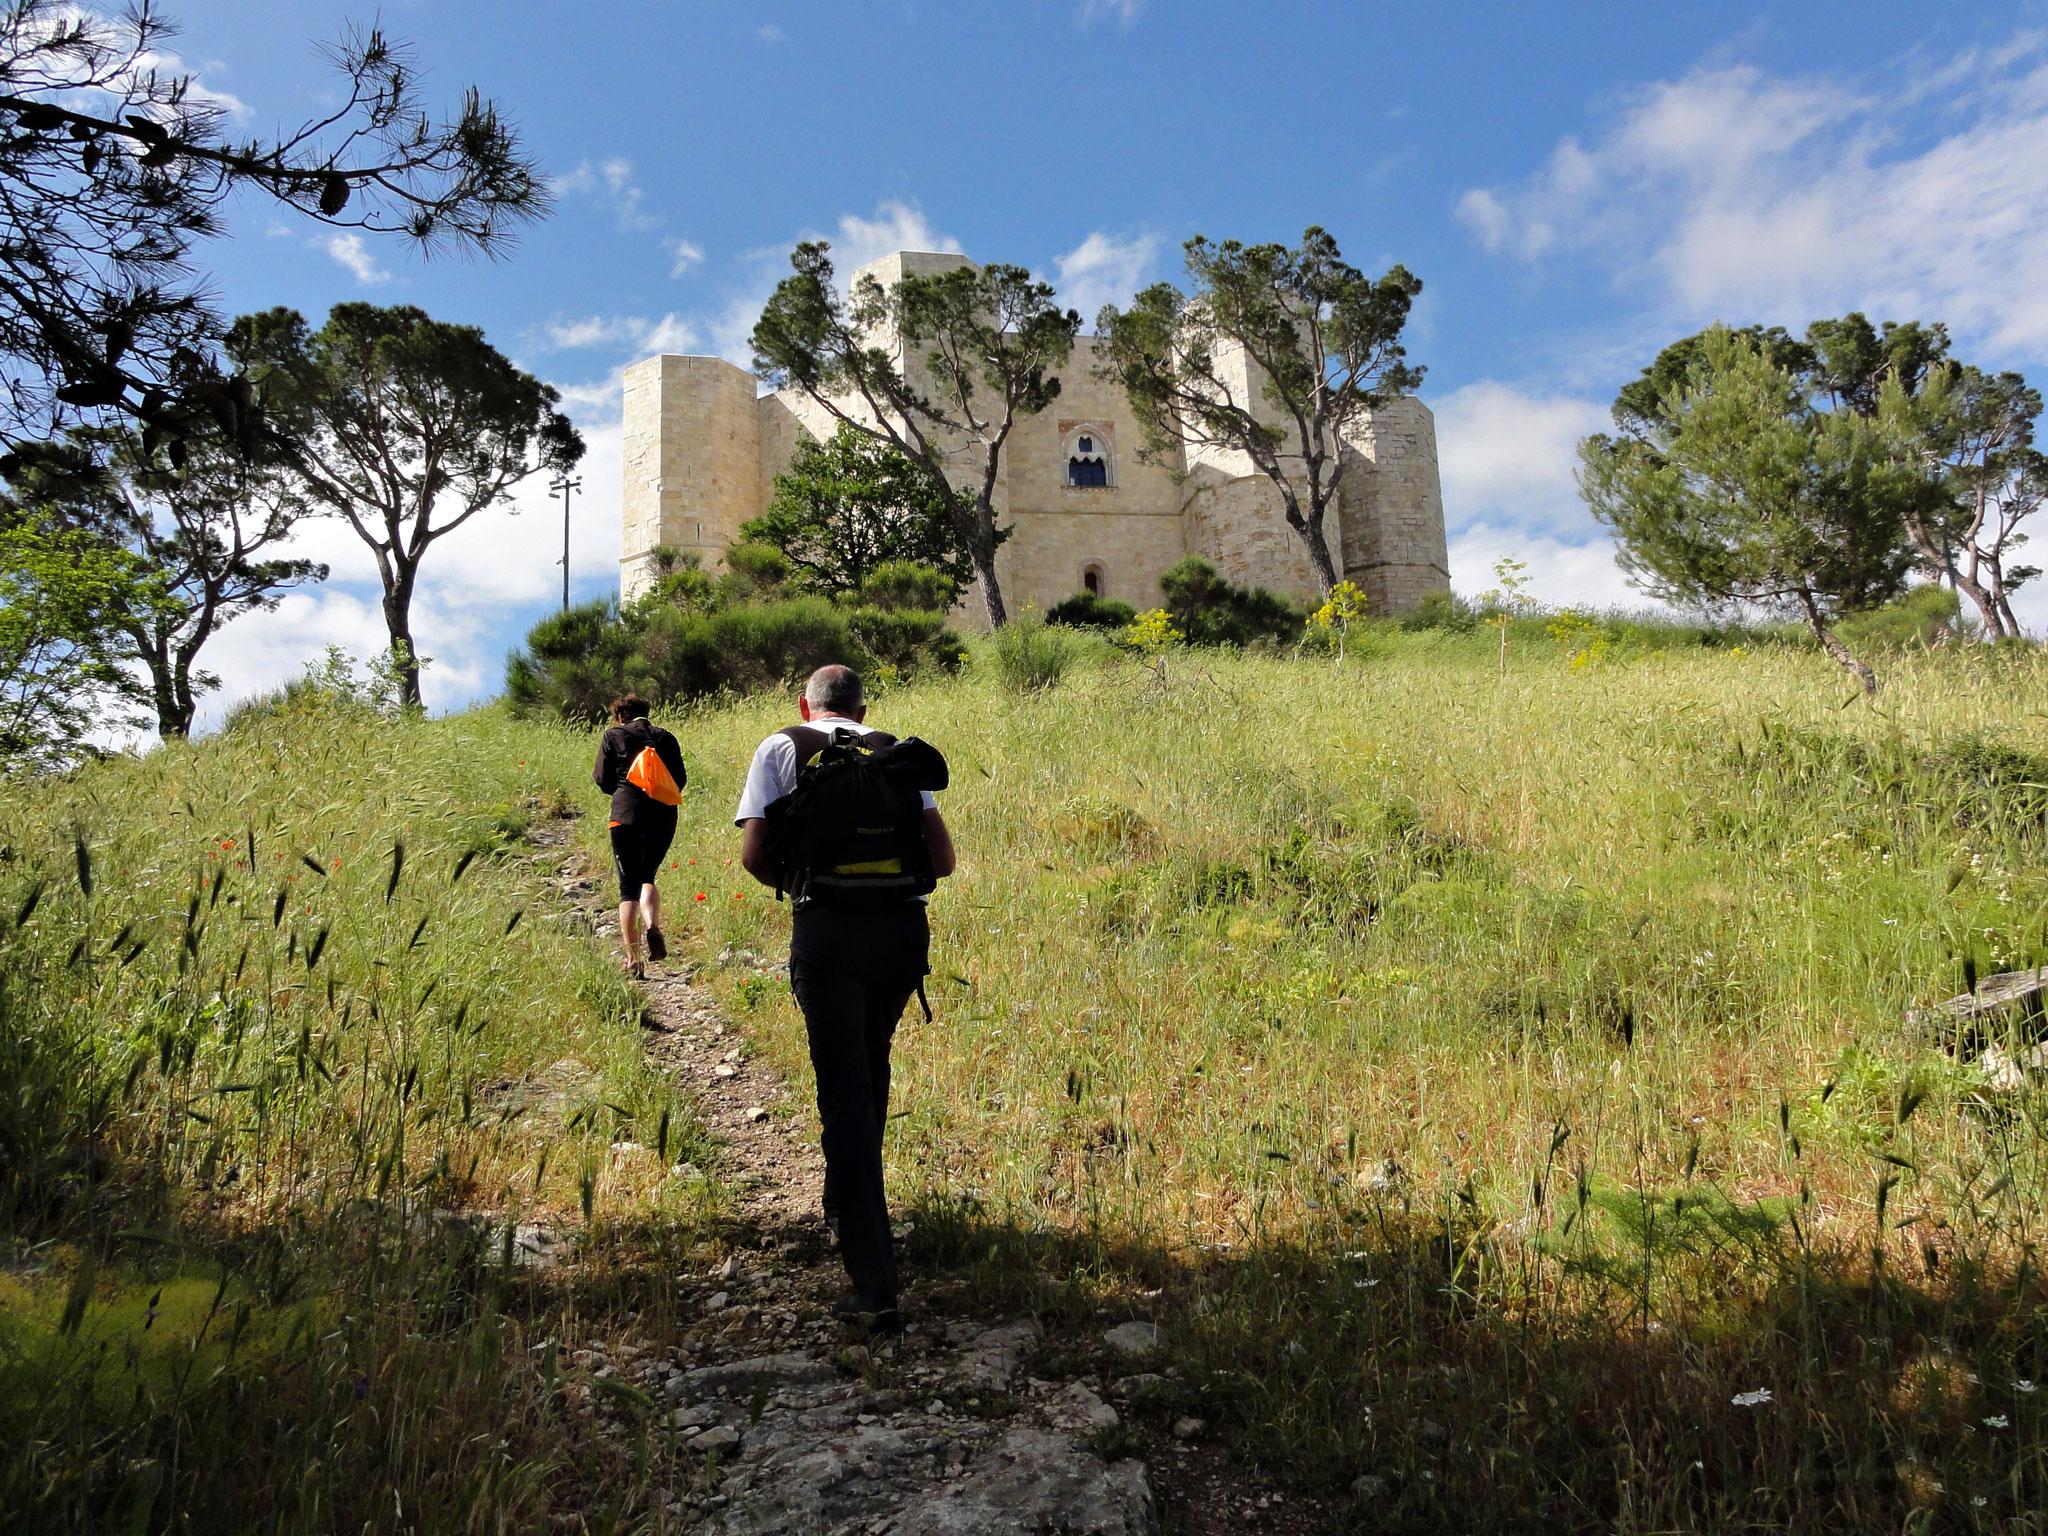 Giunti al castello di Federico II